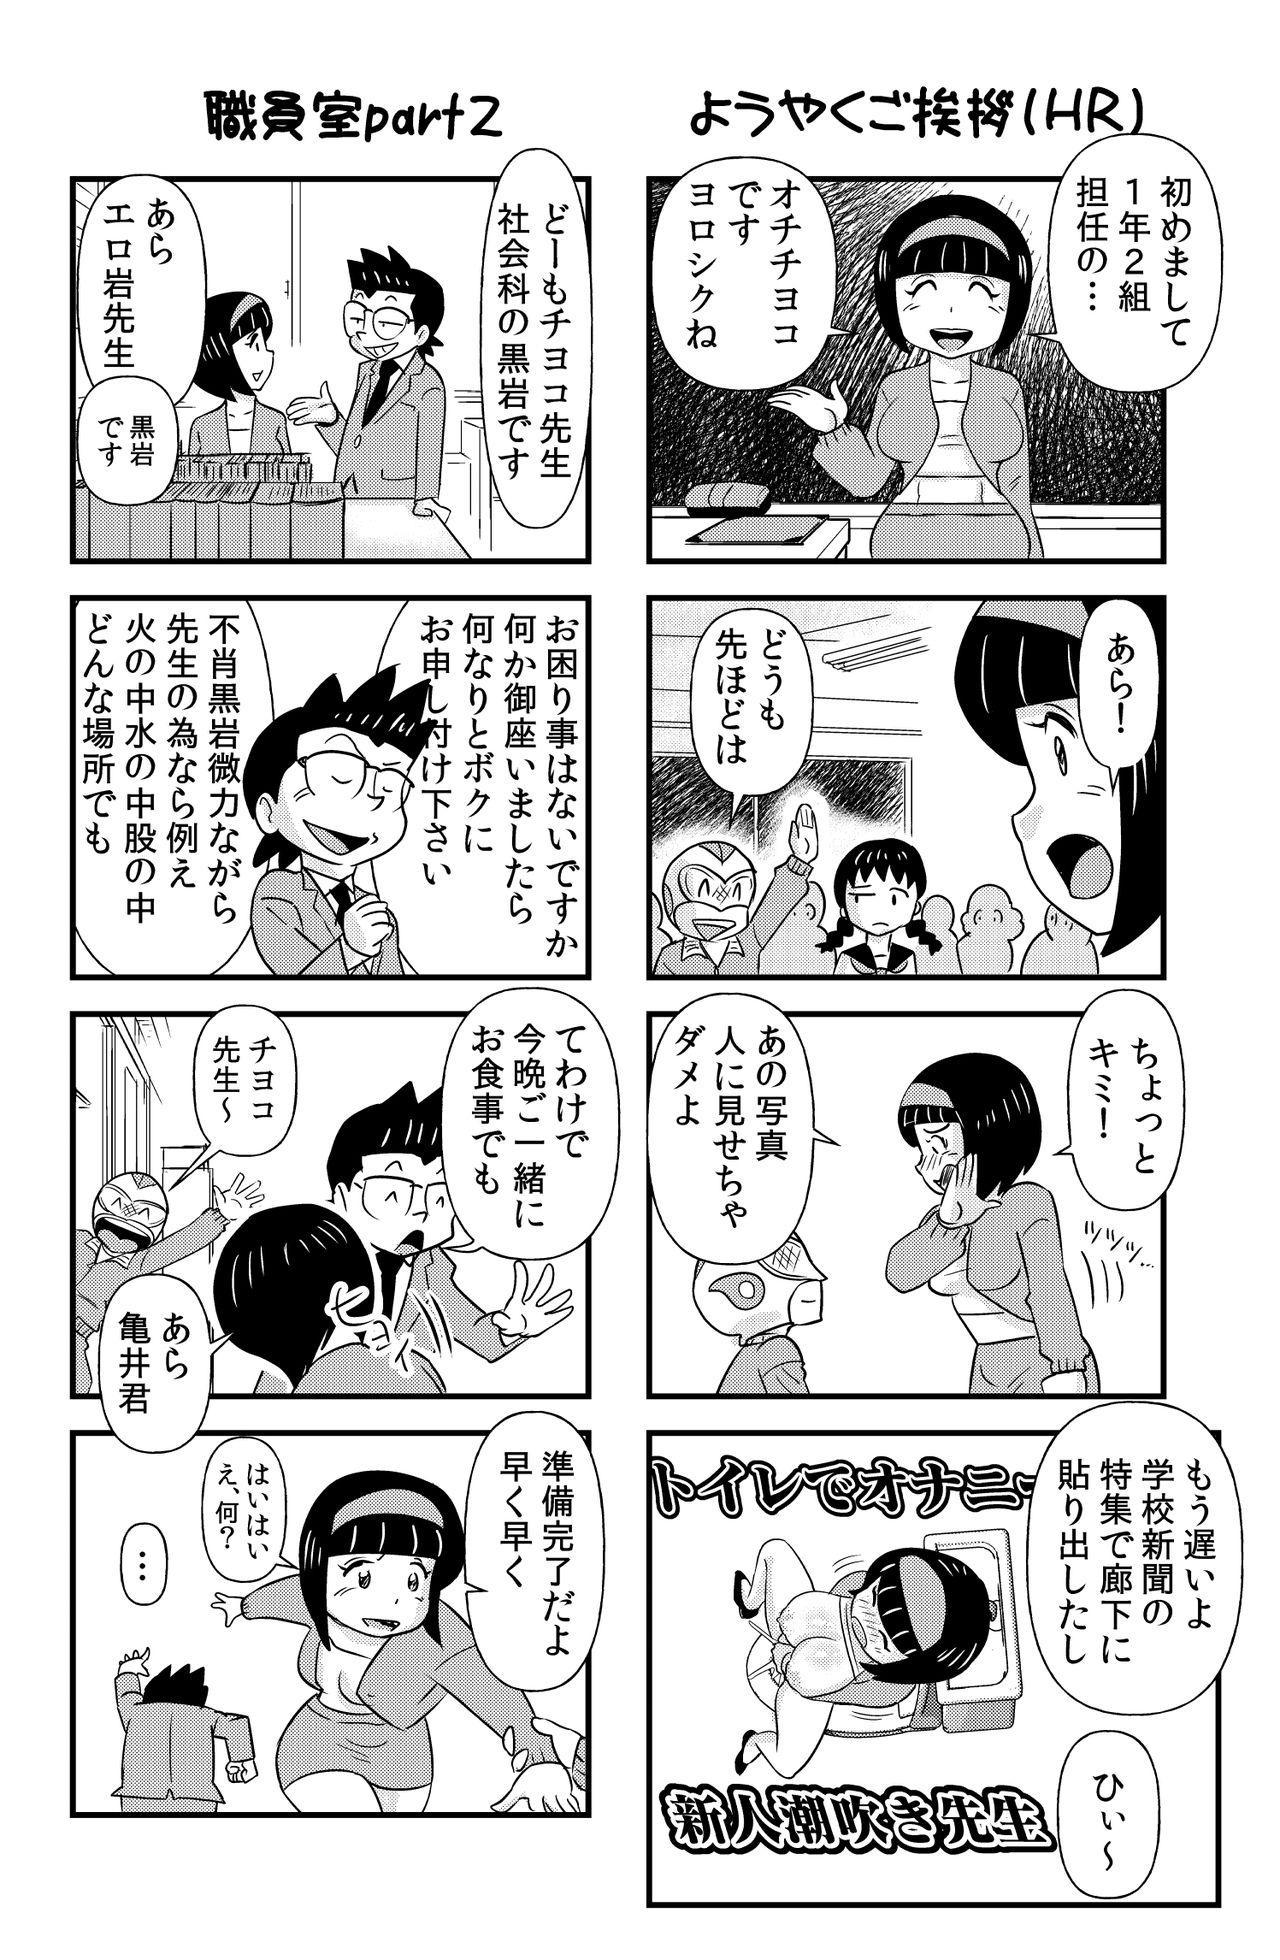 おっちょこチヨコ先生 3